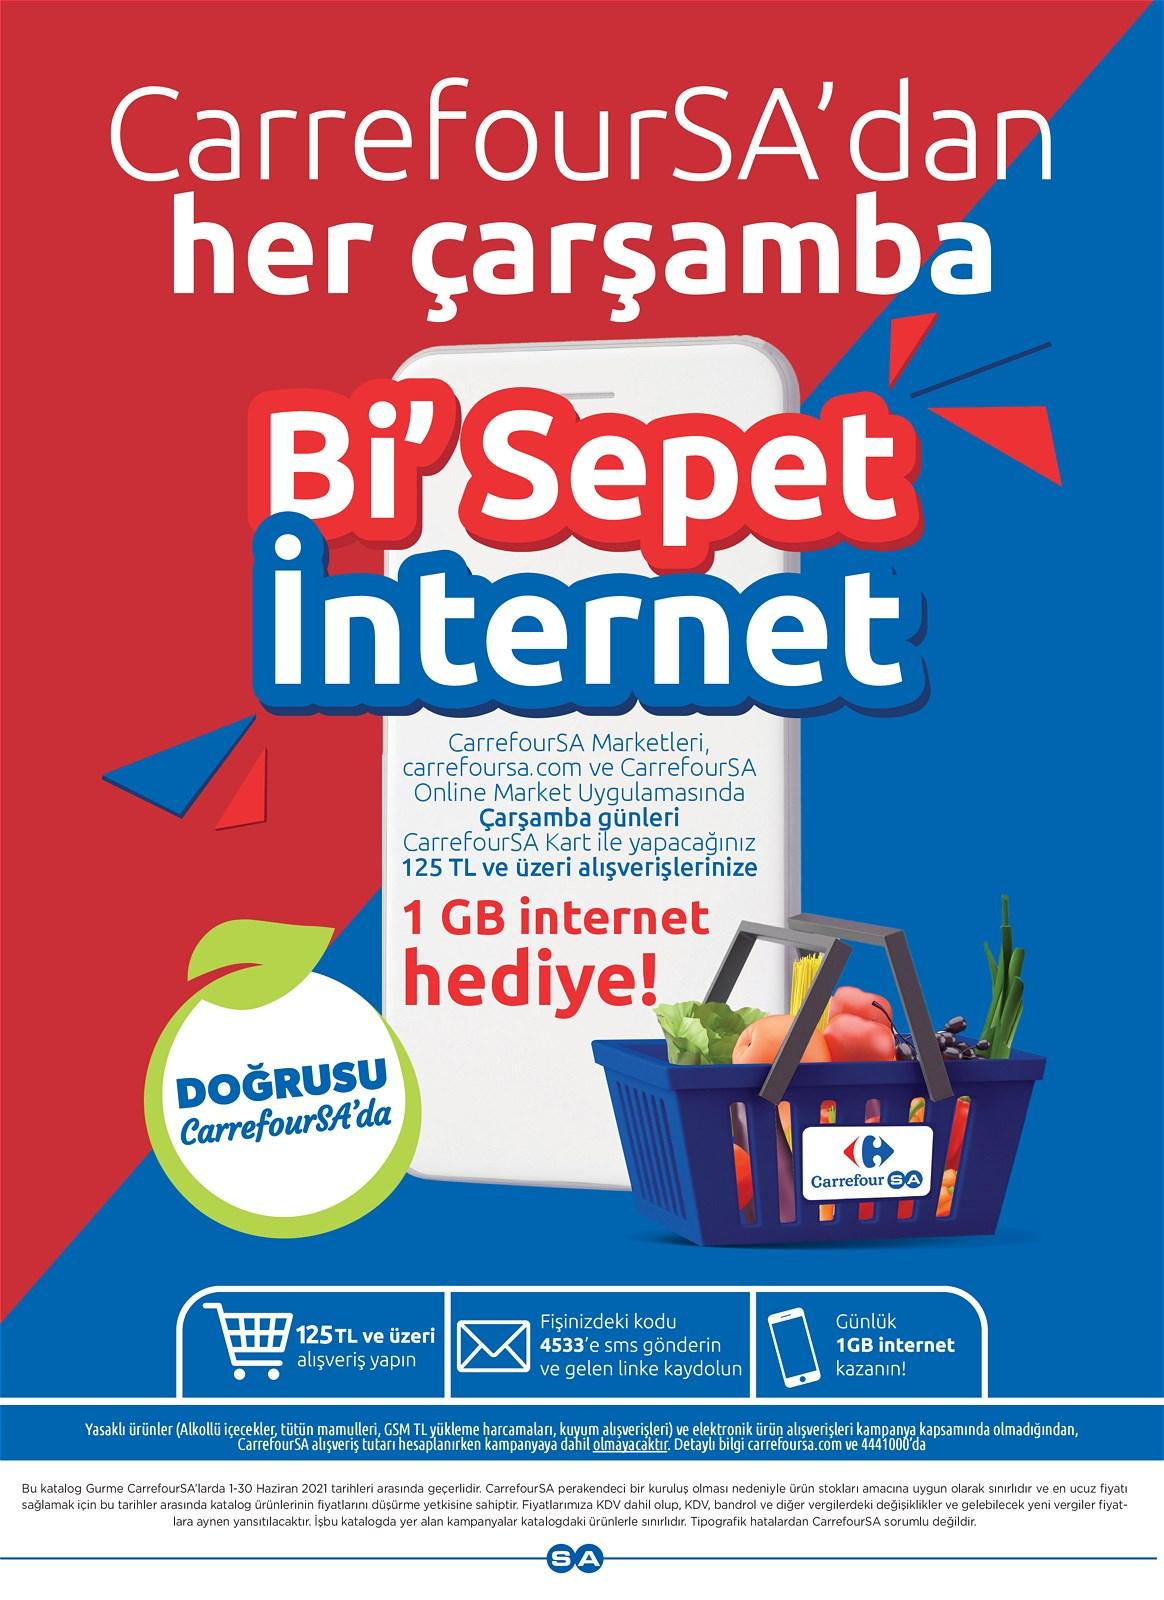 01.06.2021 CarrefourSA broşürü 14. sayfa